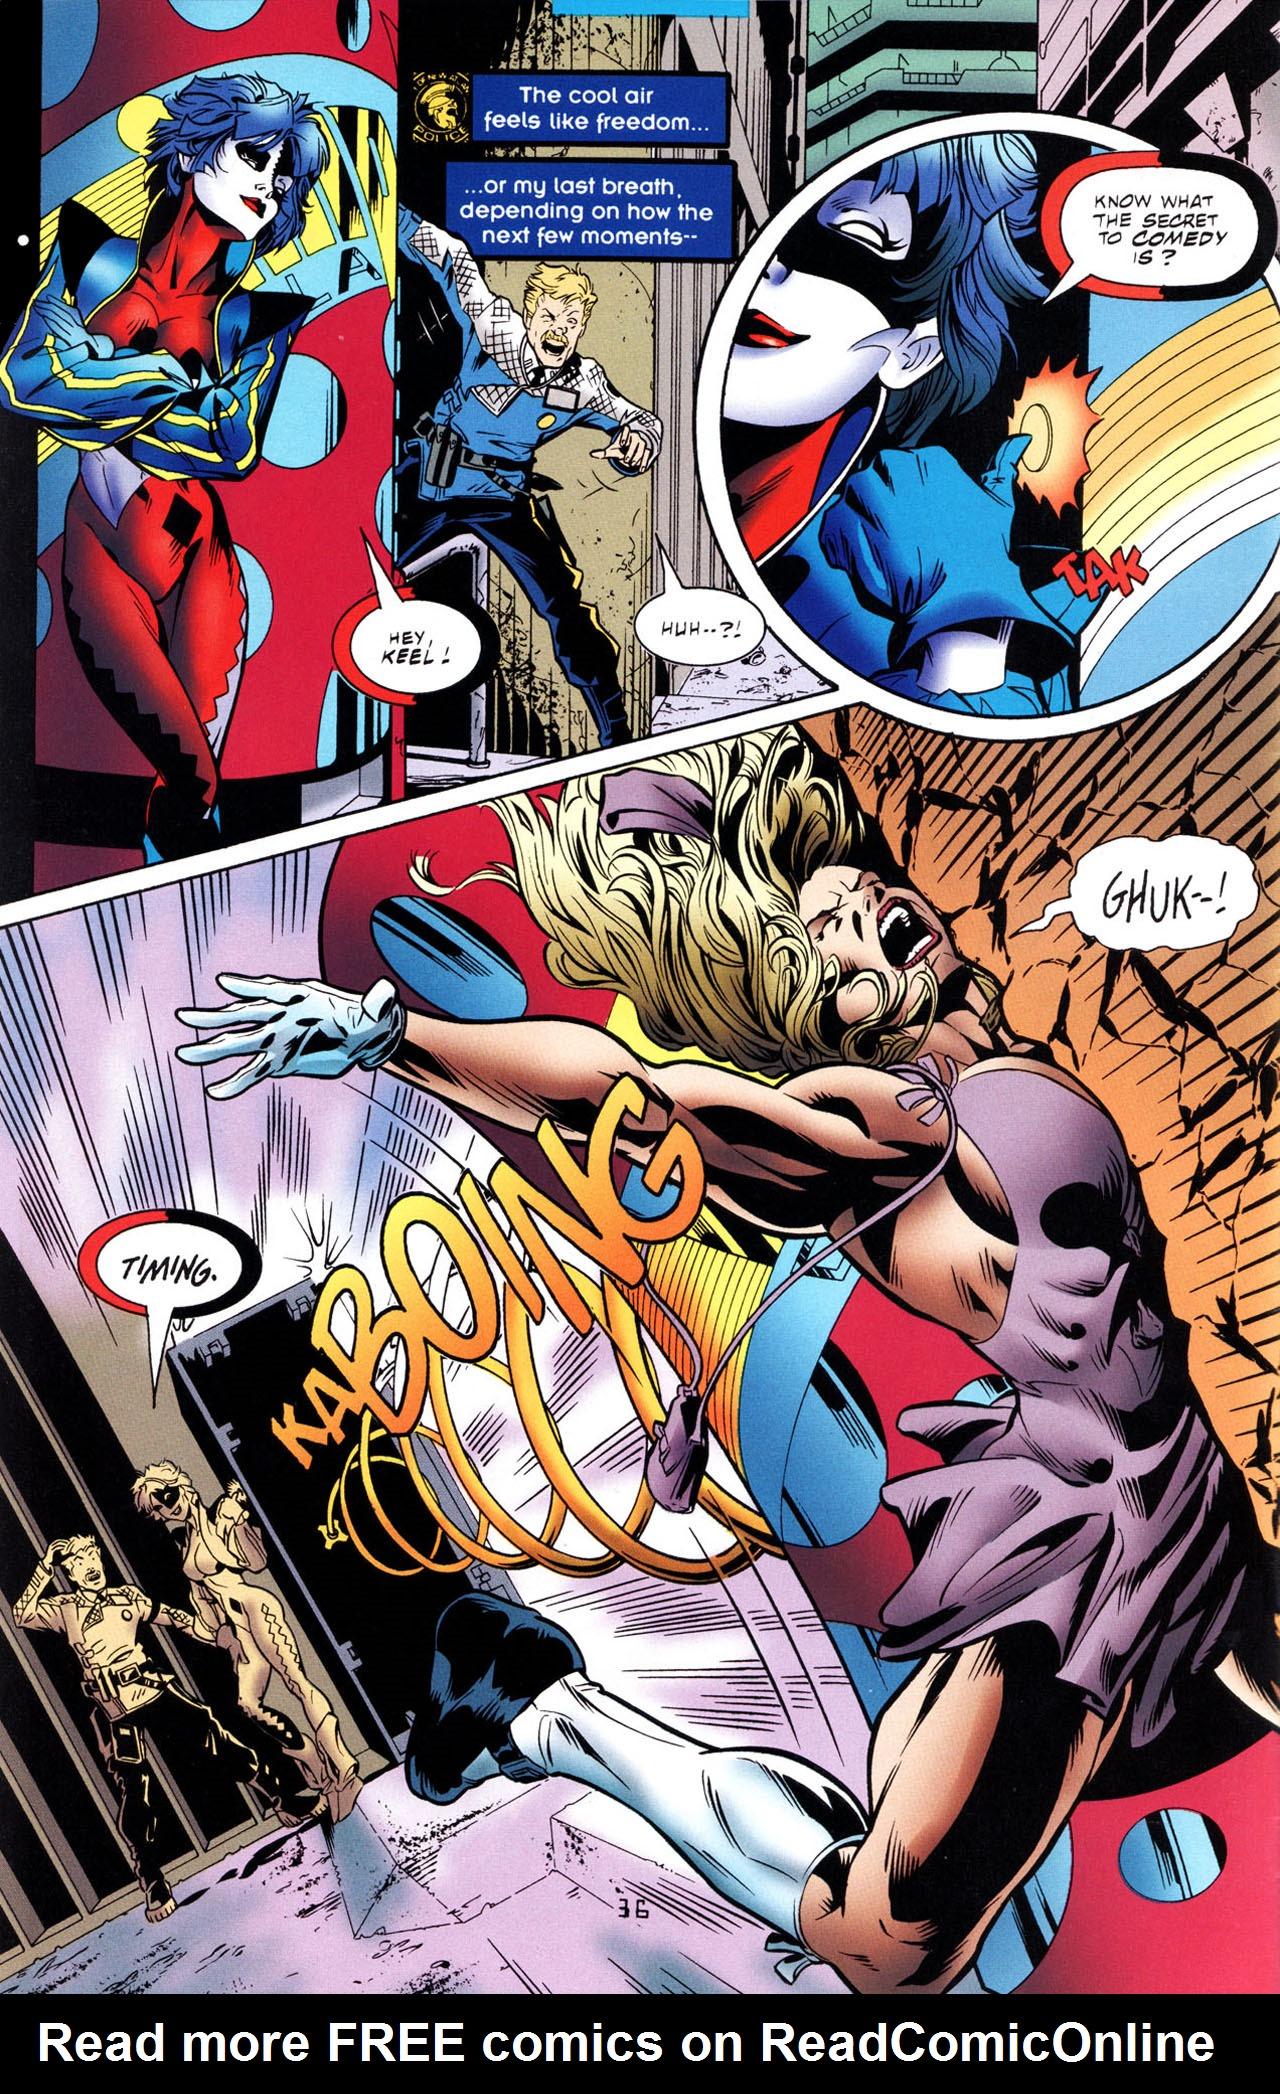 Read online Tangent Comics/ The Joker comic -  Issue # Full - 37